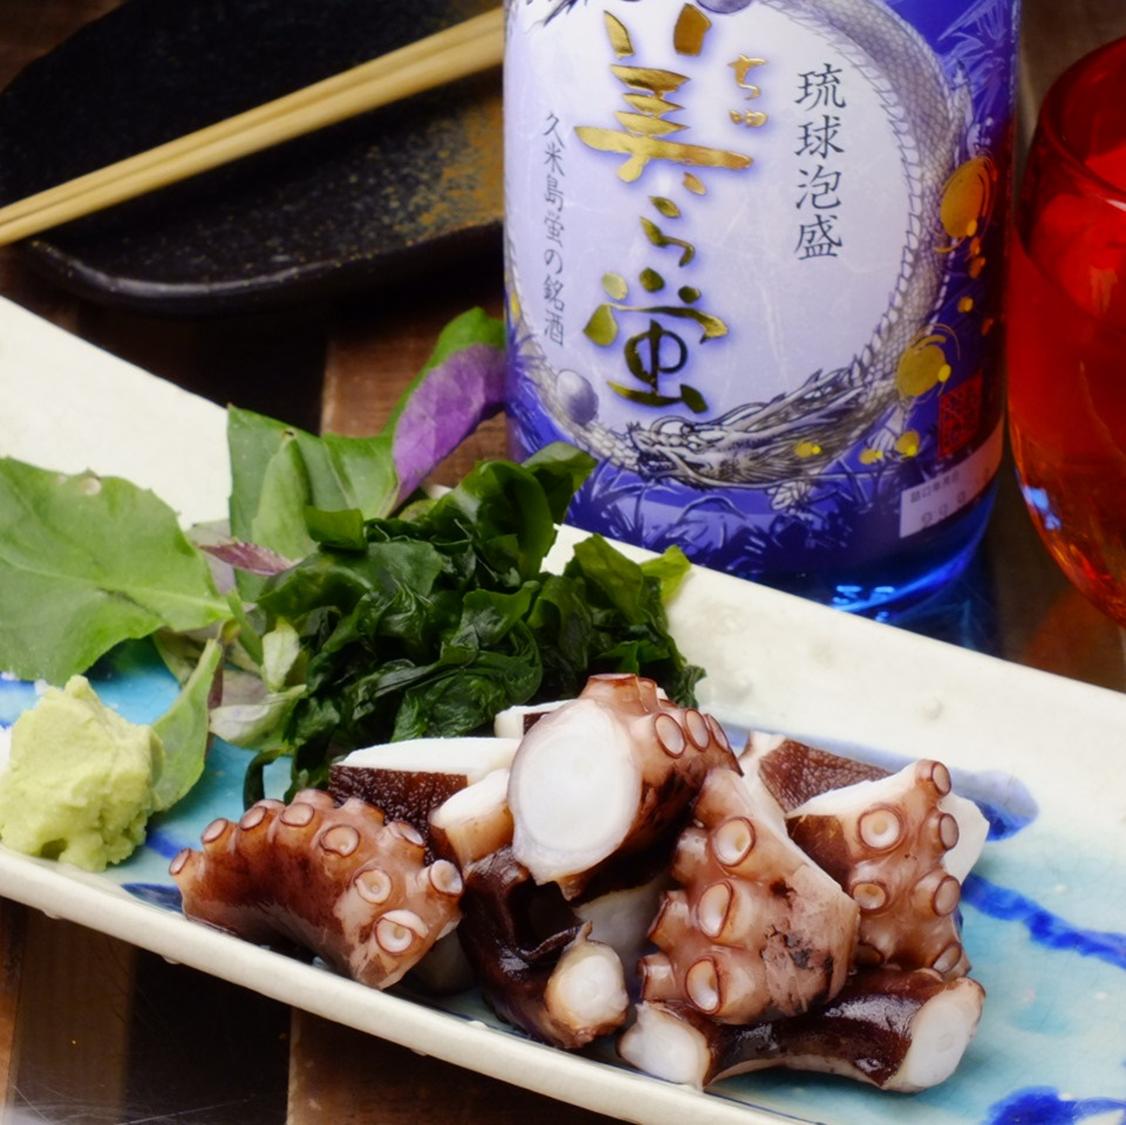 【本場沖縄料理の居酒屋!!】